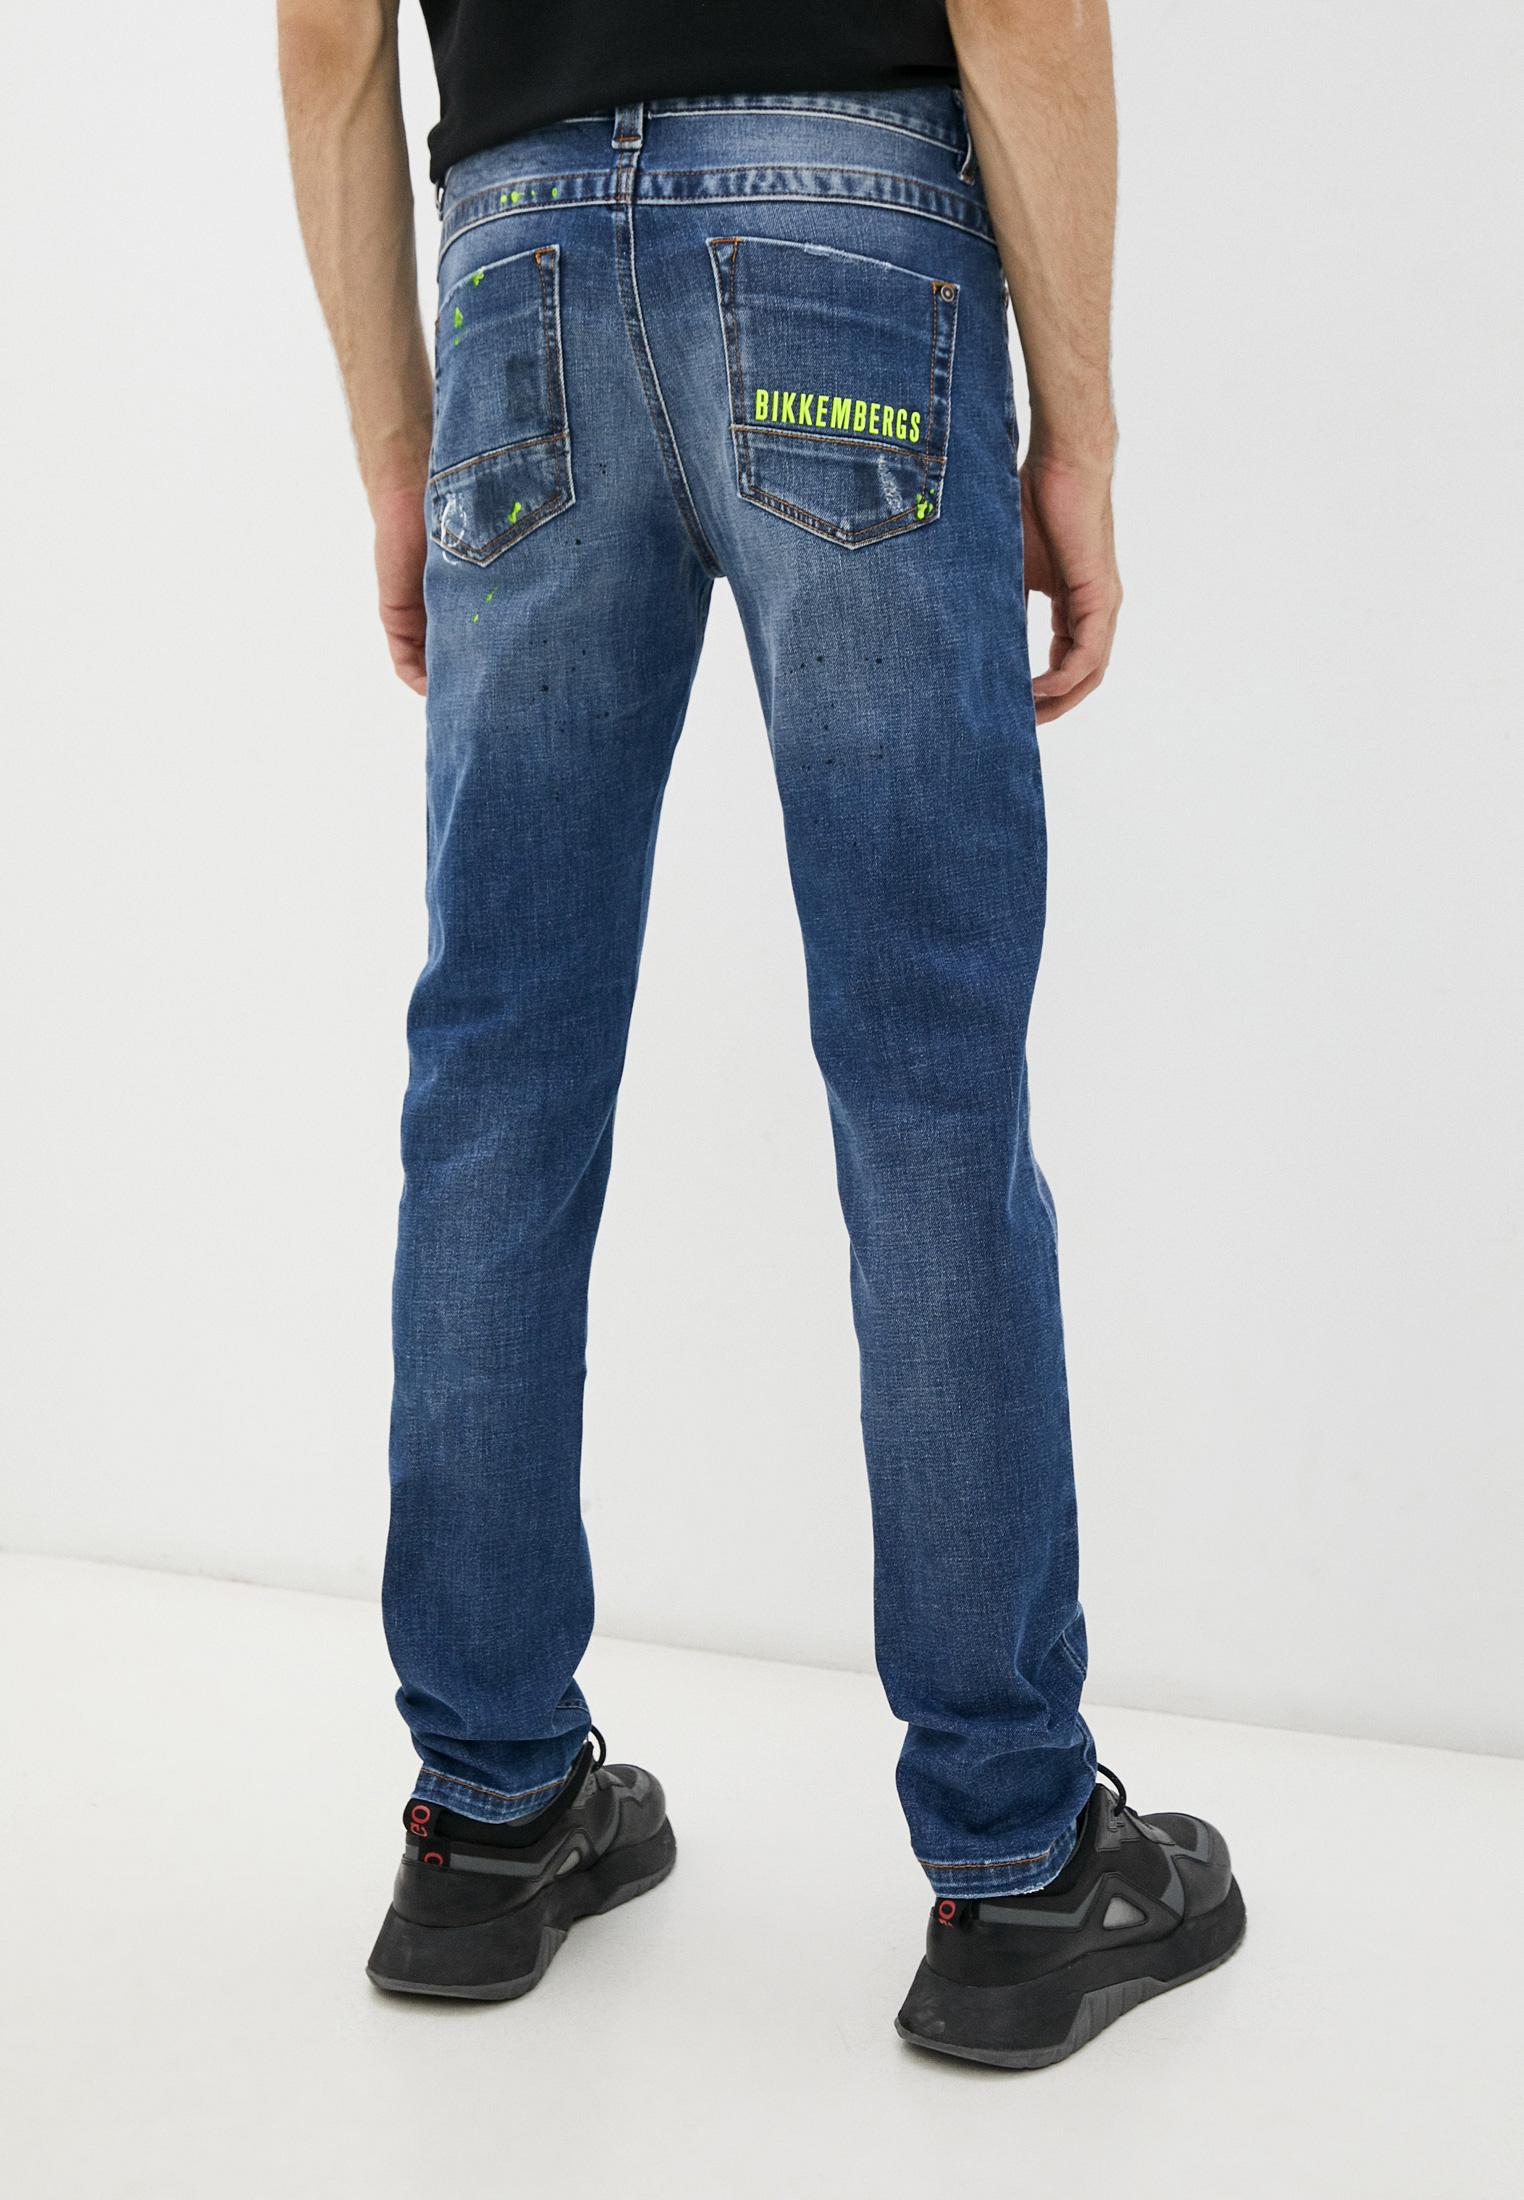 Мужские зауженные джинсы Bikkembergs (Биккембергс) C Q 101 09 S 3182: изображение 4